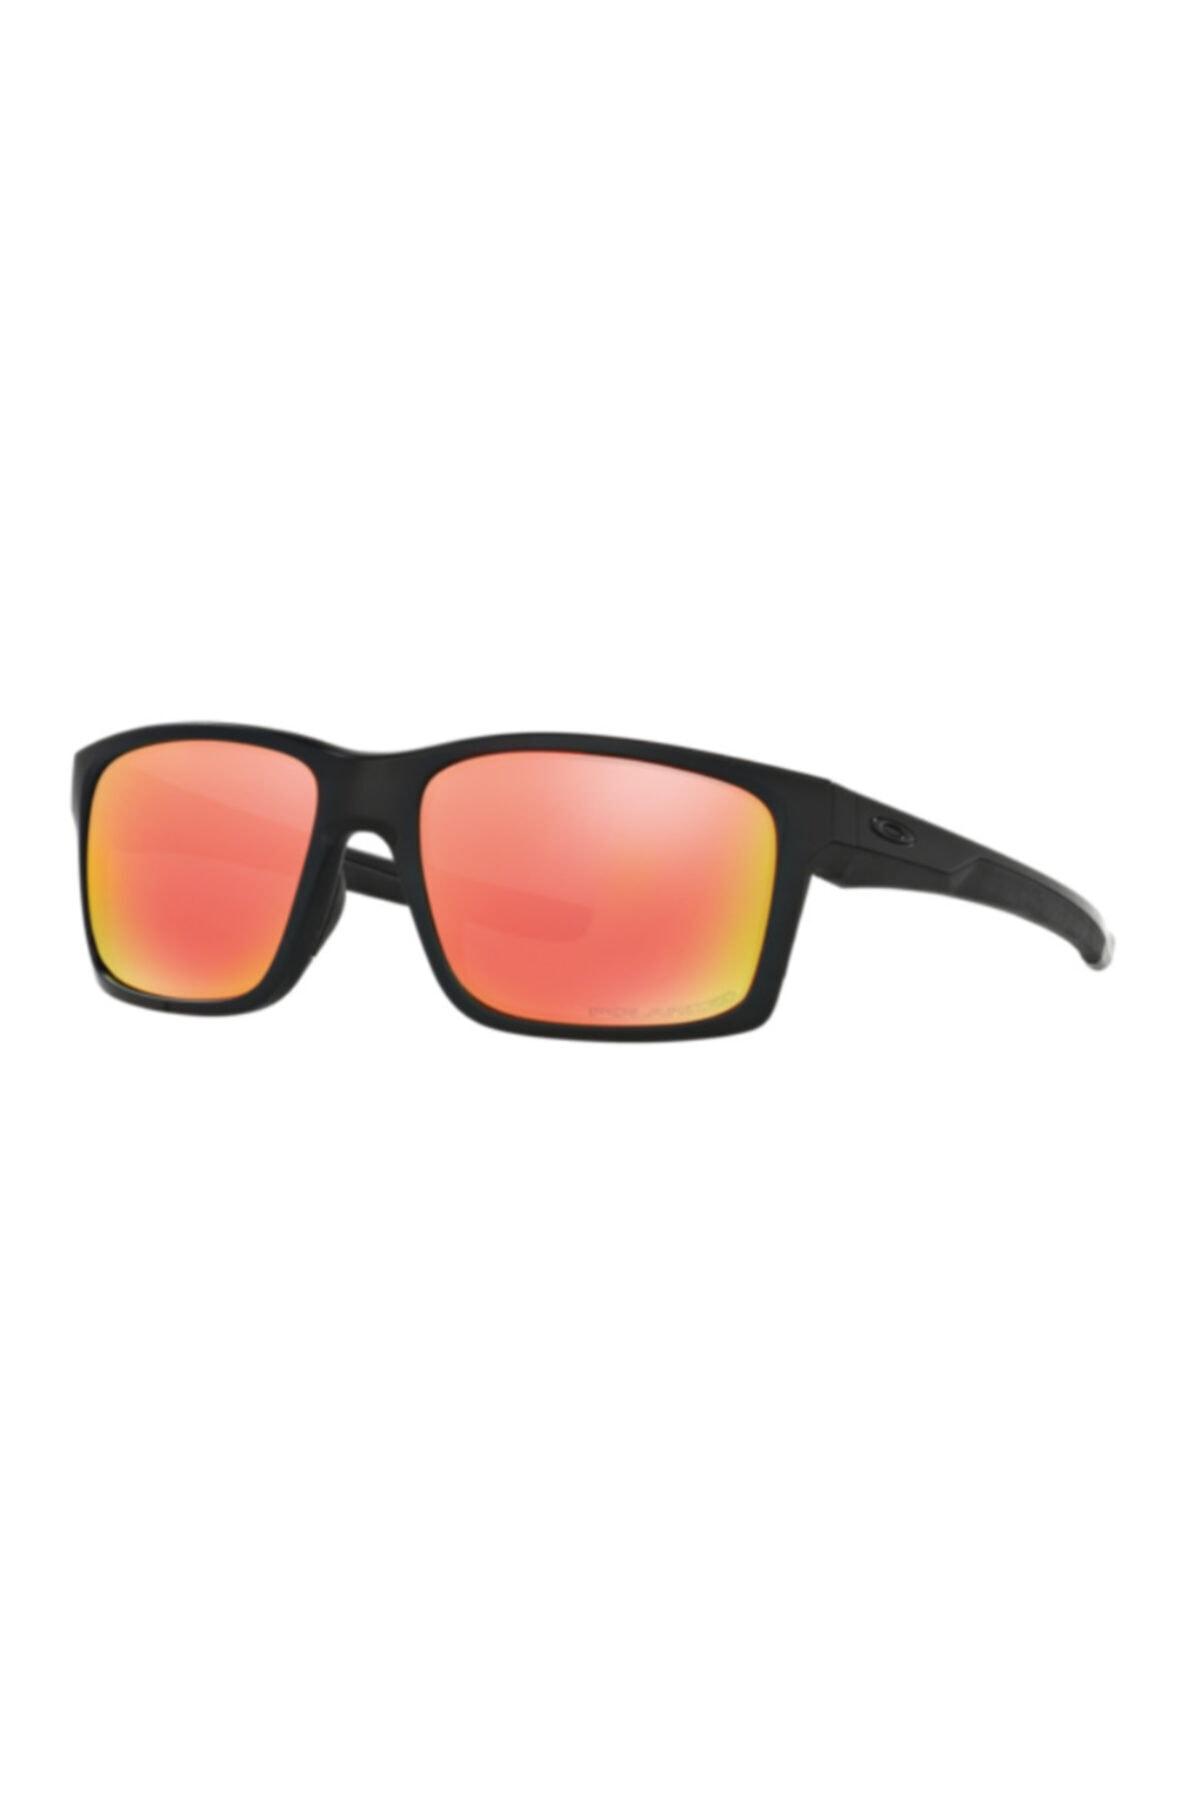 Oakley Maınlınk Ruby Irıd Polar Güneş Gözlüğü Oo9264 07 1